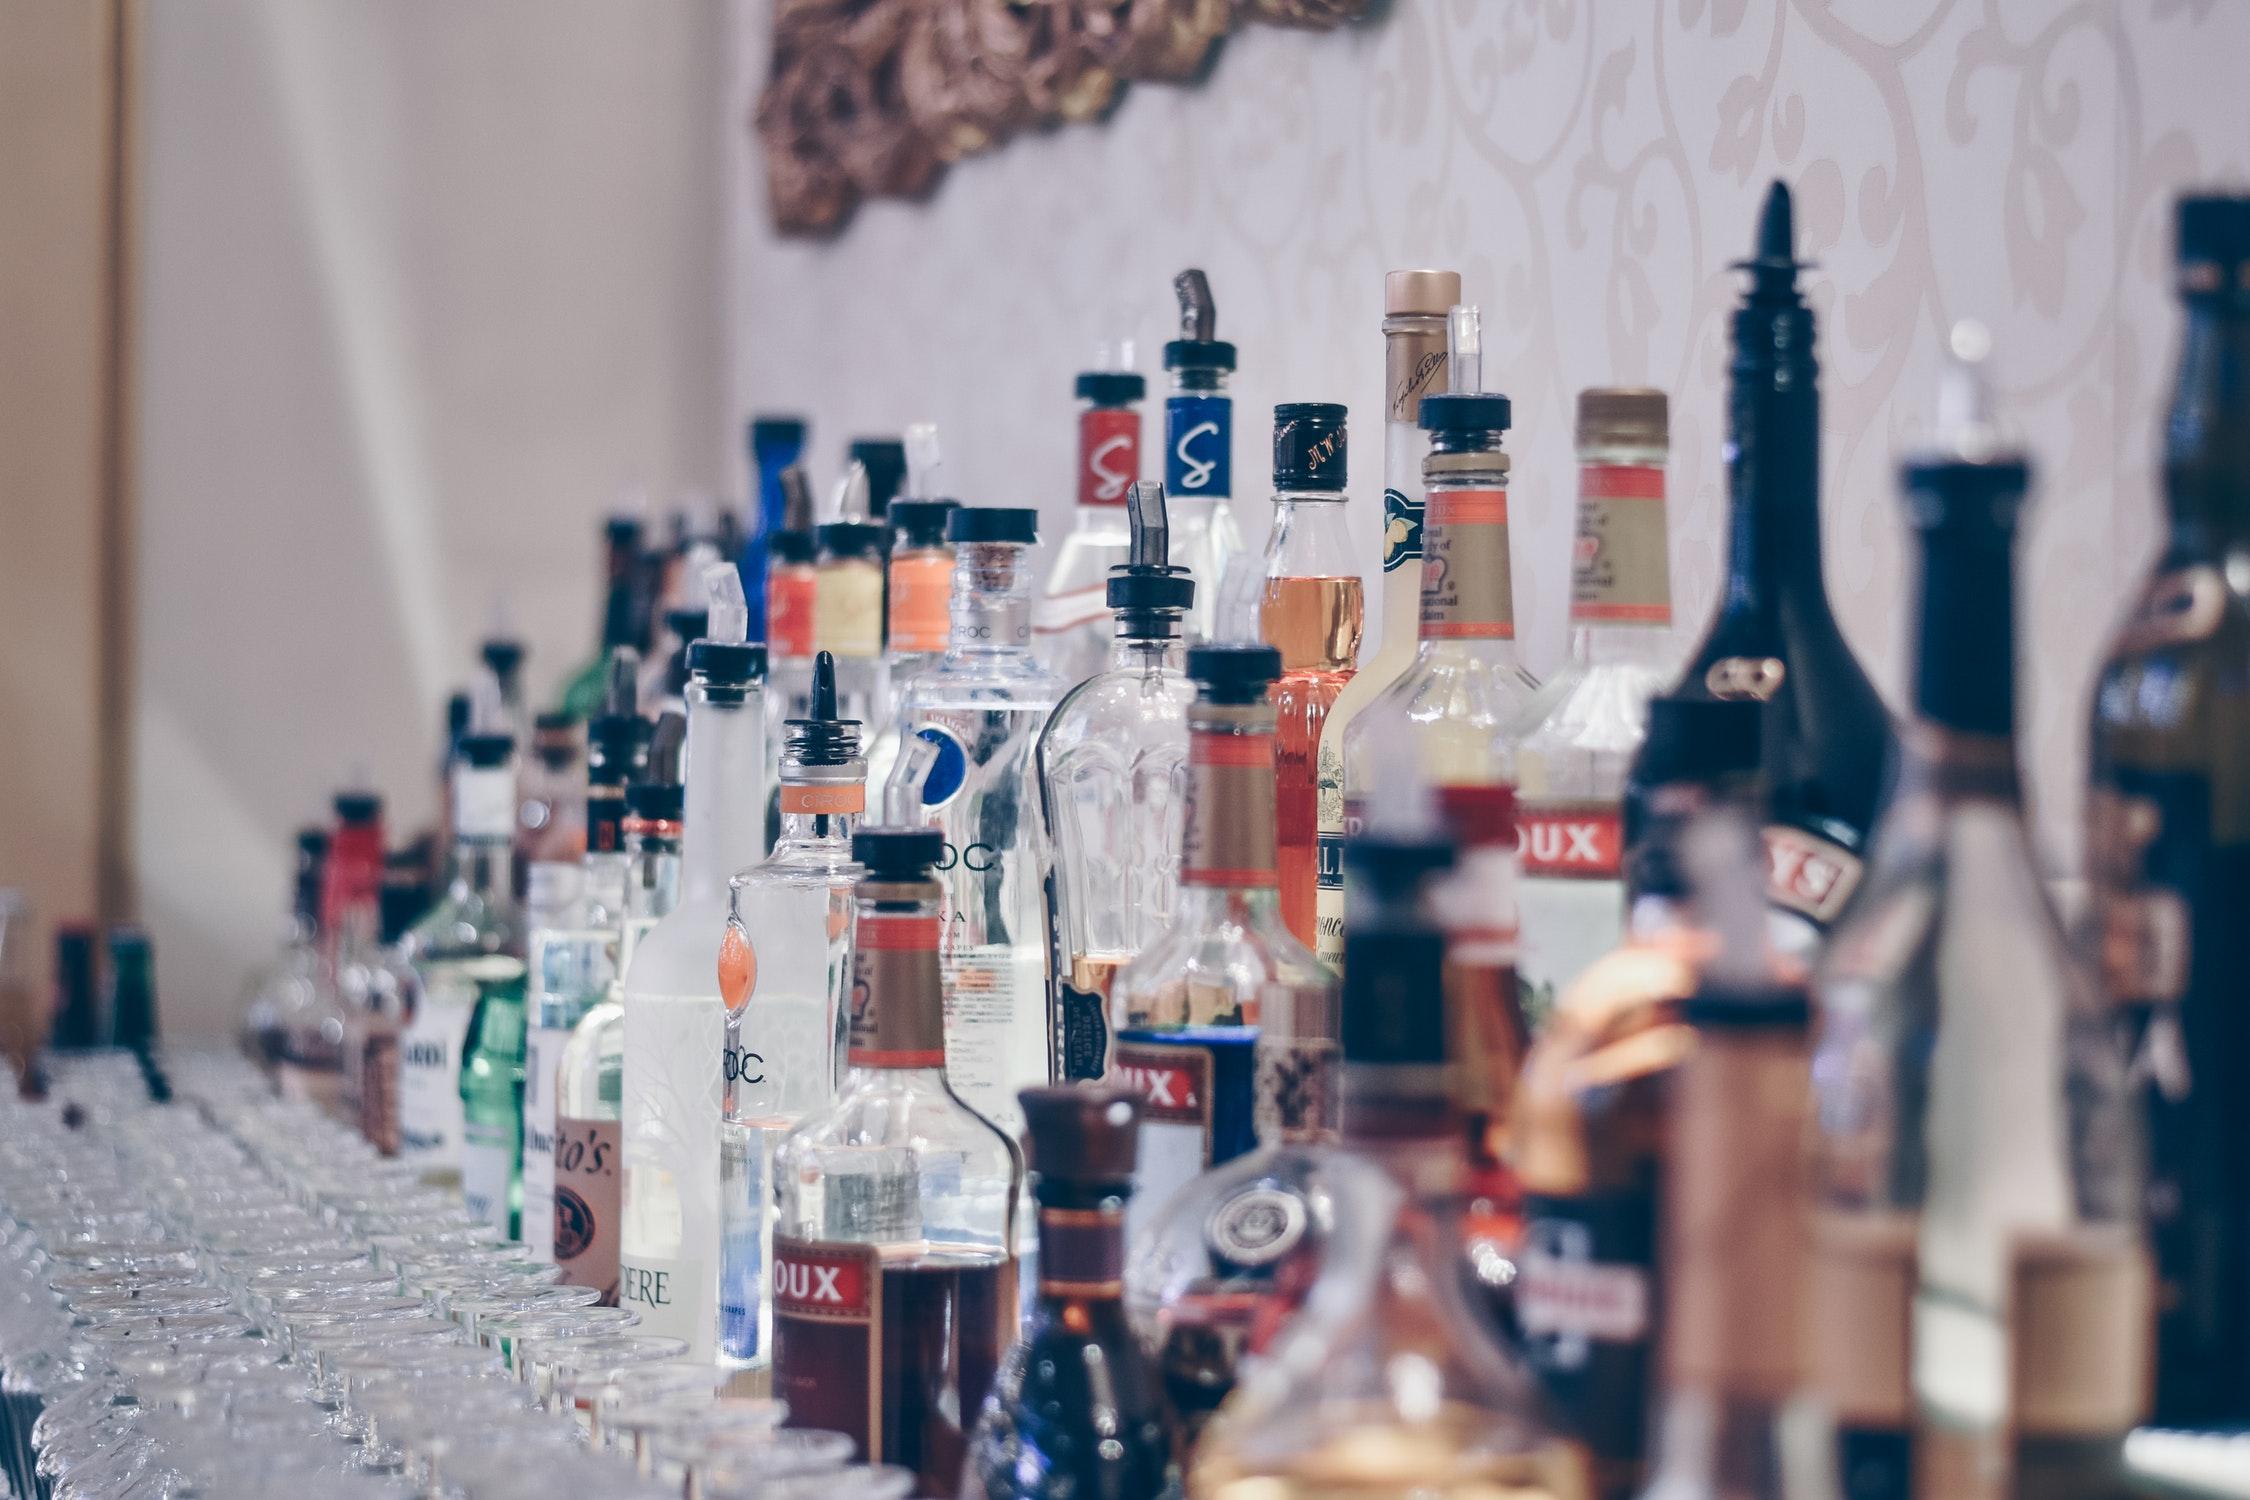 Bar services & Beverages